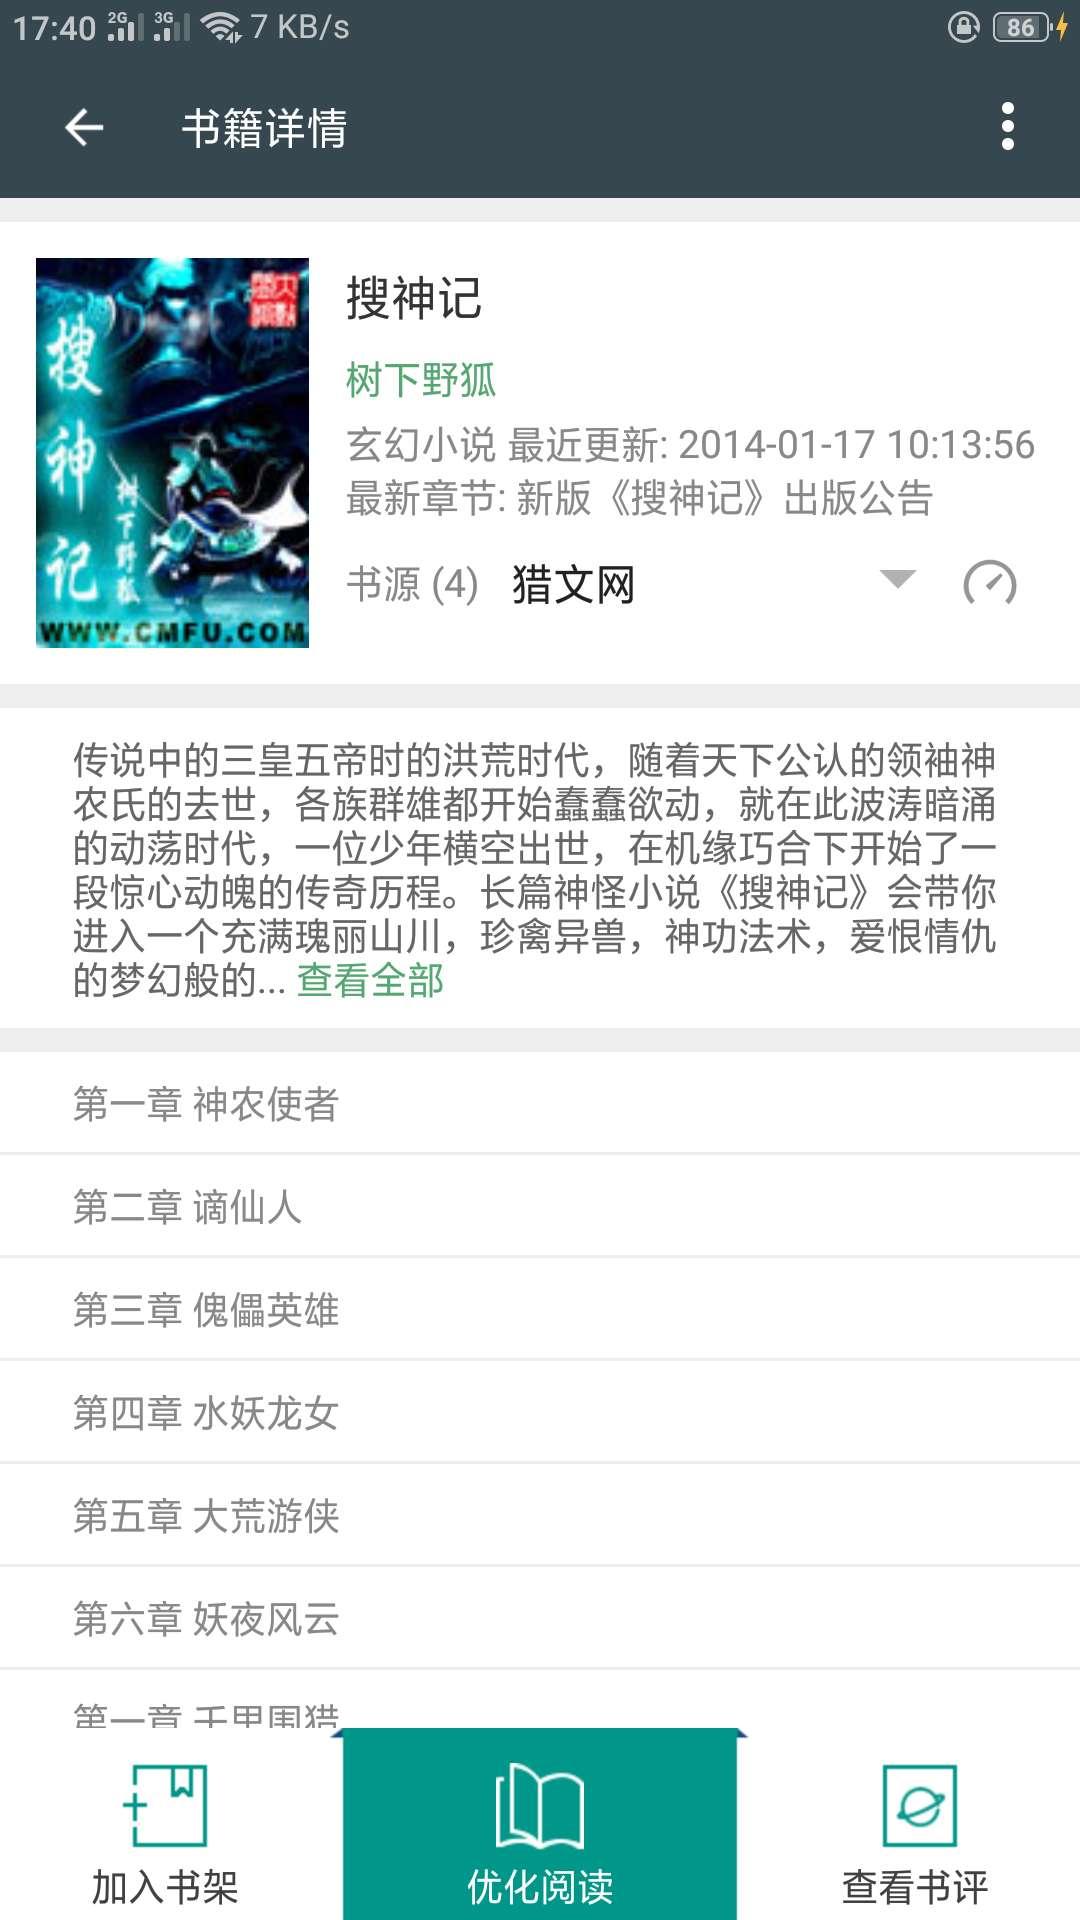 【资源分享】安卓搜书大师v20.5绿化版无广告!